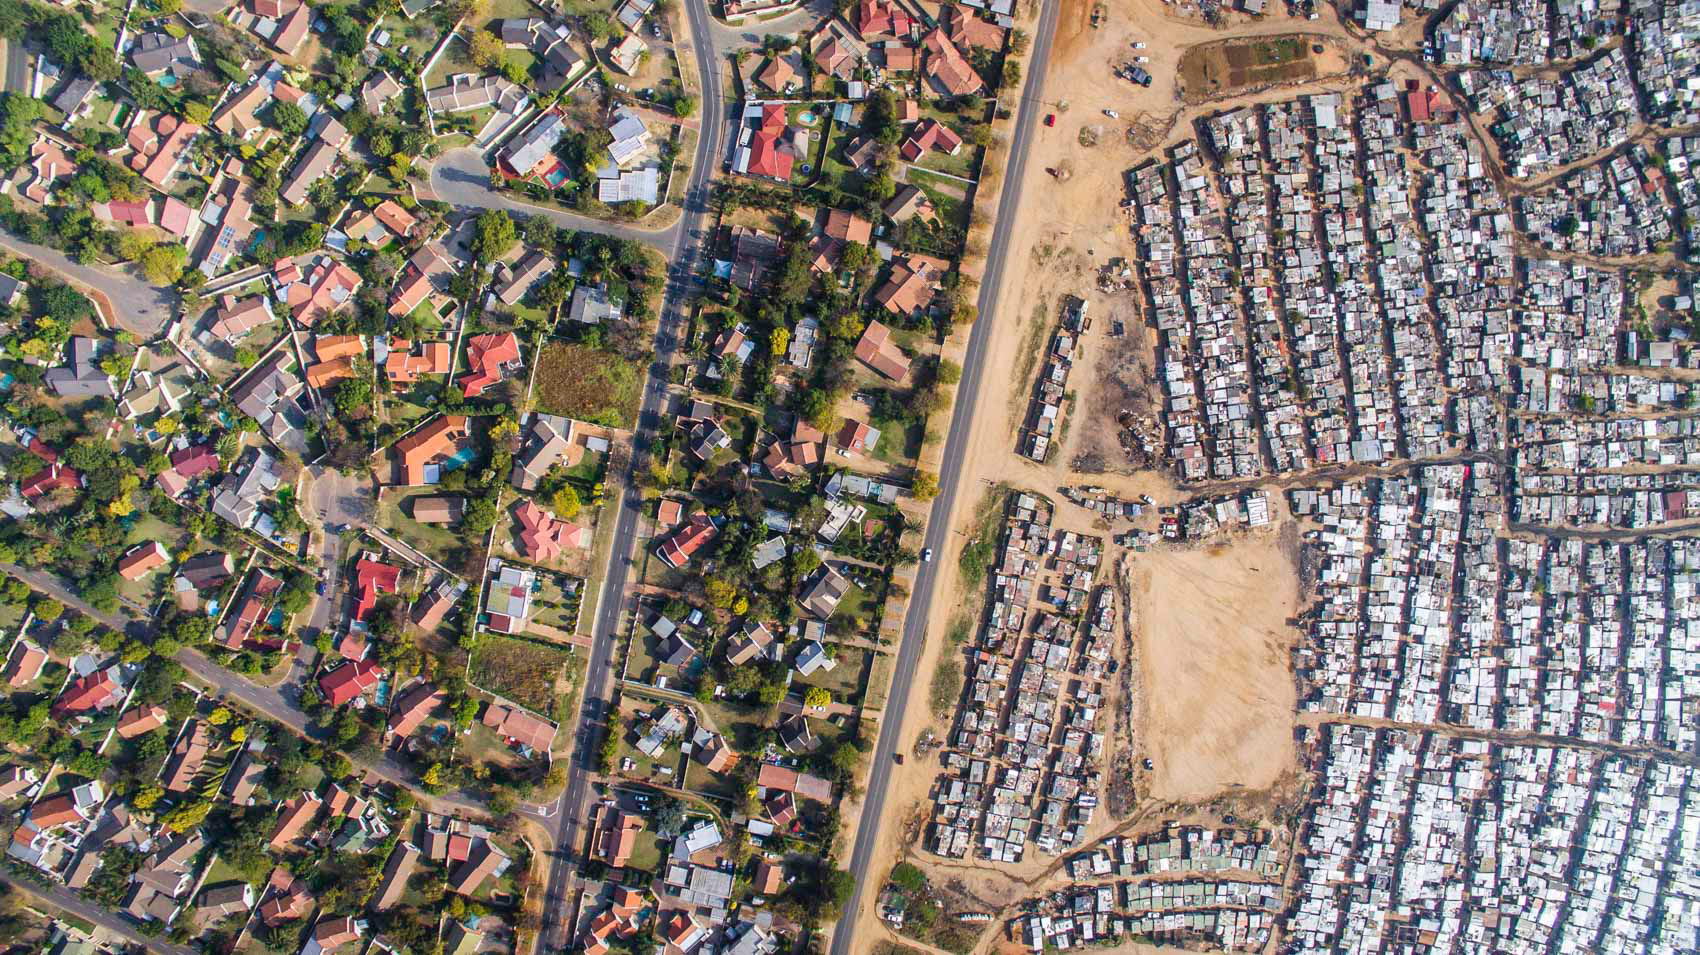 Unequal Scenes - Kya Sands / Bloubosrand